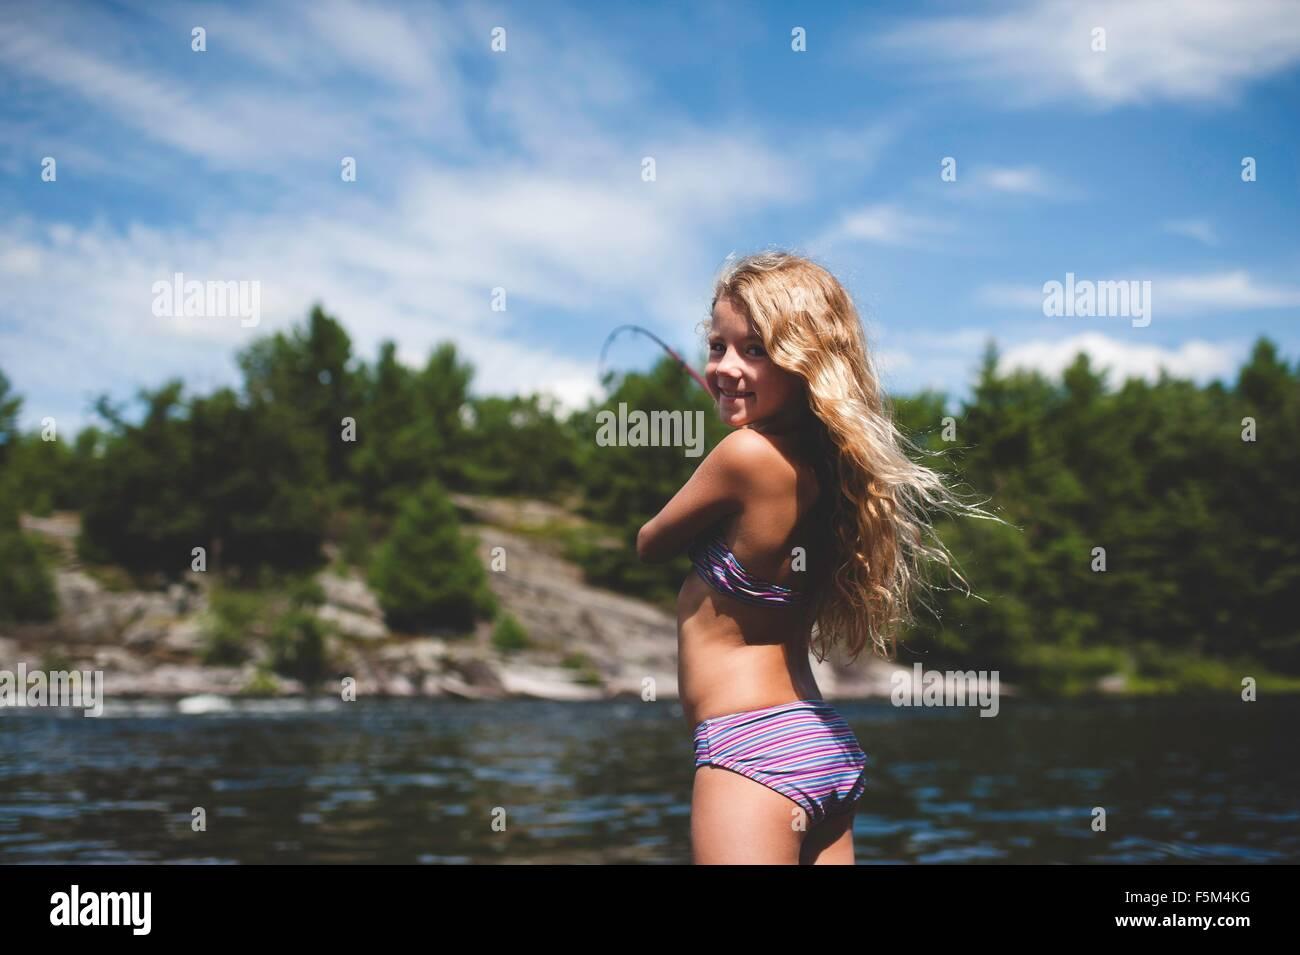 Bikini fishing pic